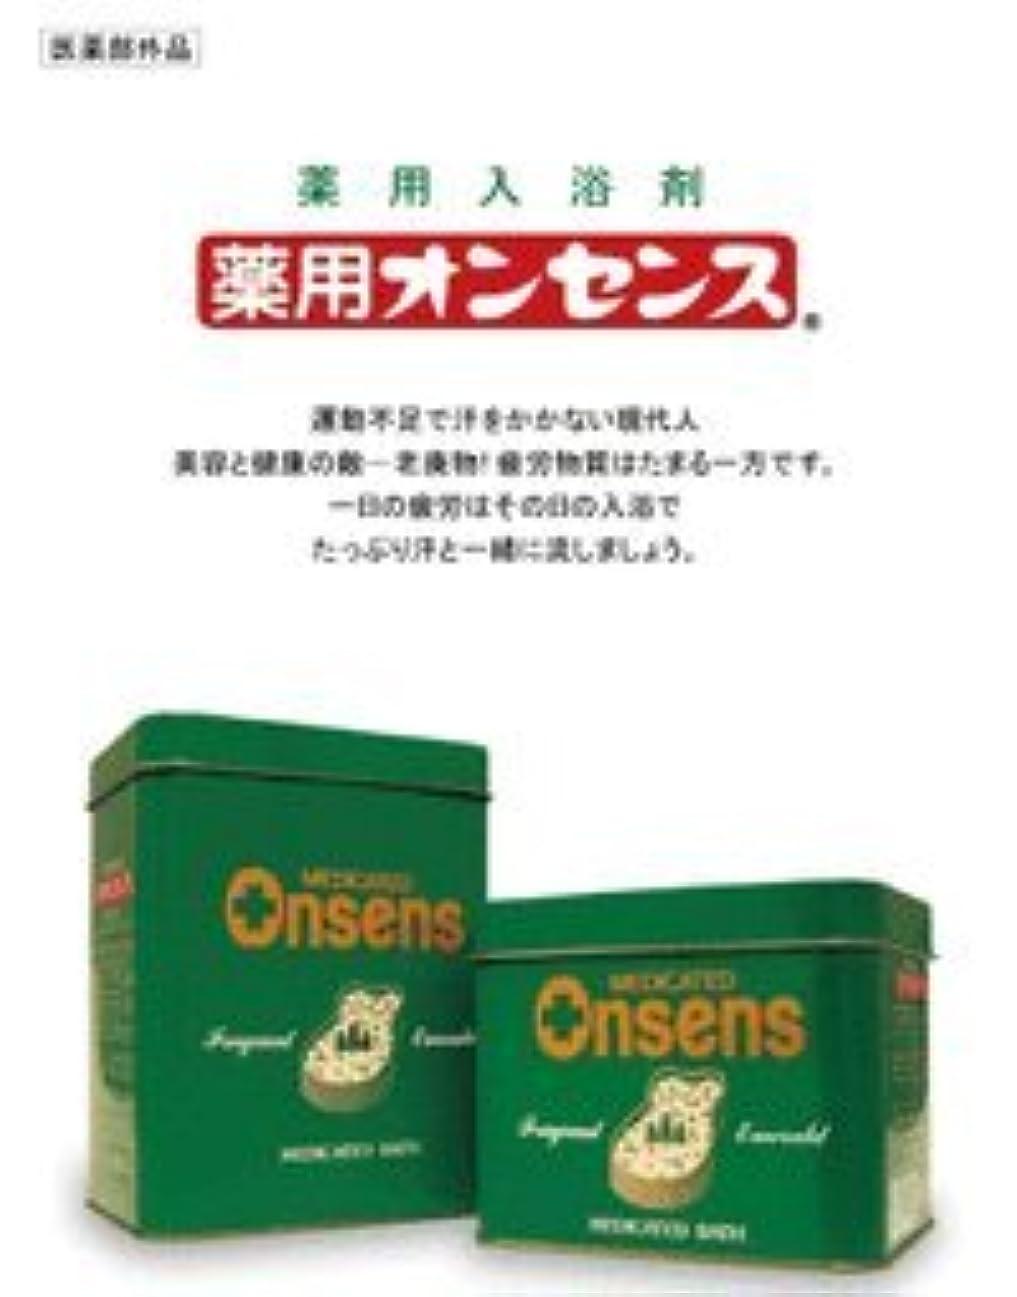 破滅的なコミットマサッチョ薬用オンセンス 1.4kg缶 薬用入浴剤 松葉エキス(松柏科植物の製油) 入浴剤 医薬部外品